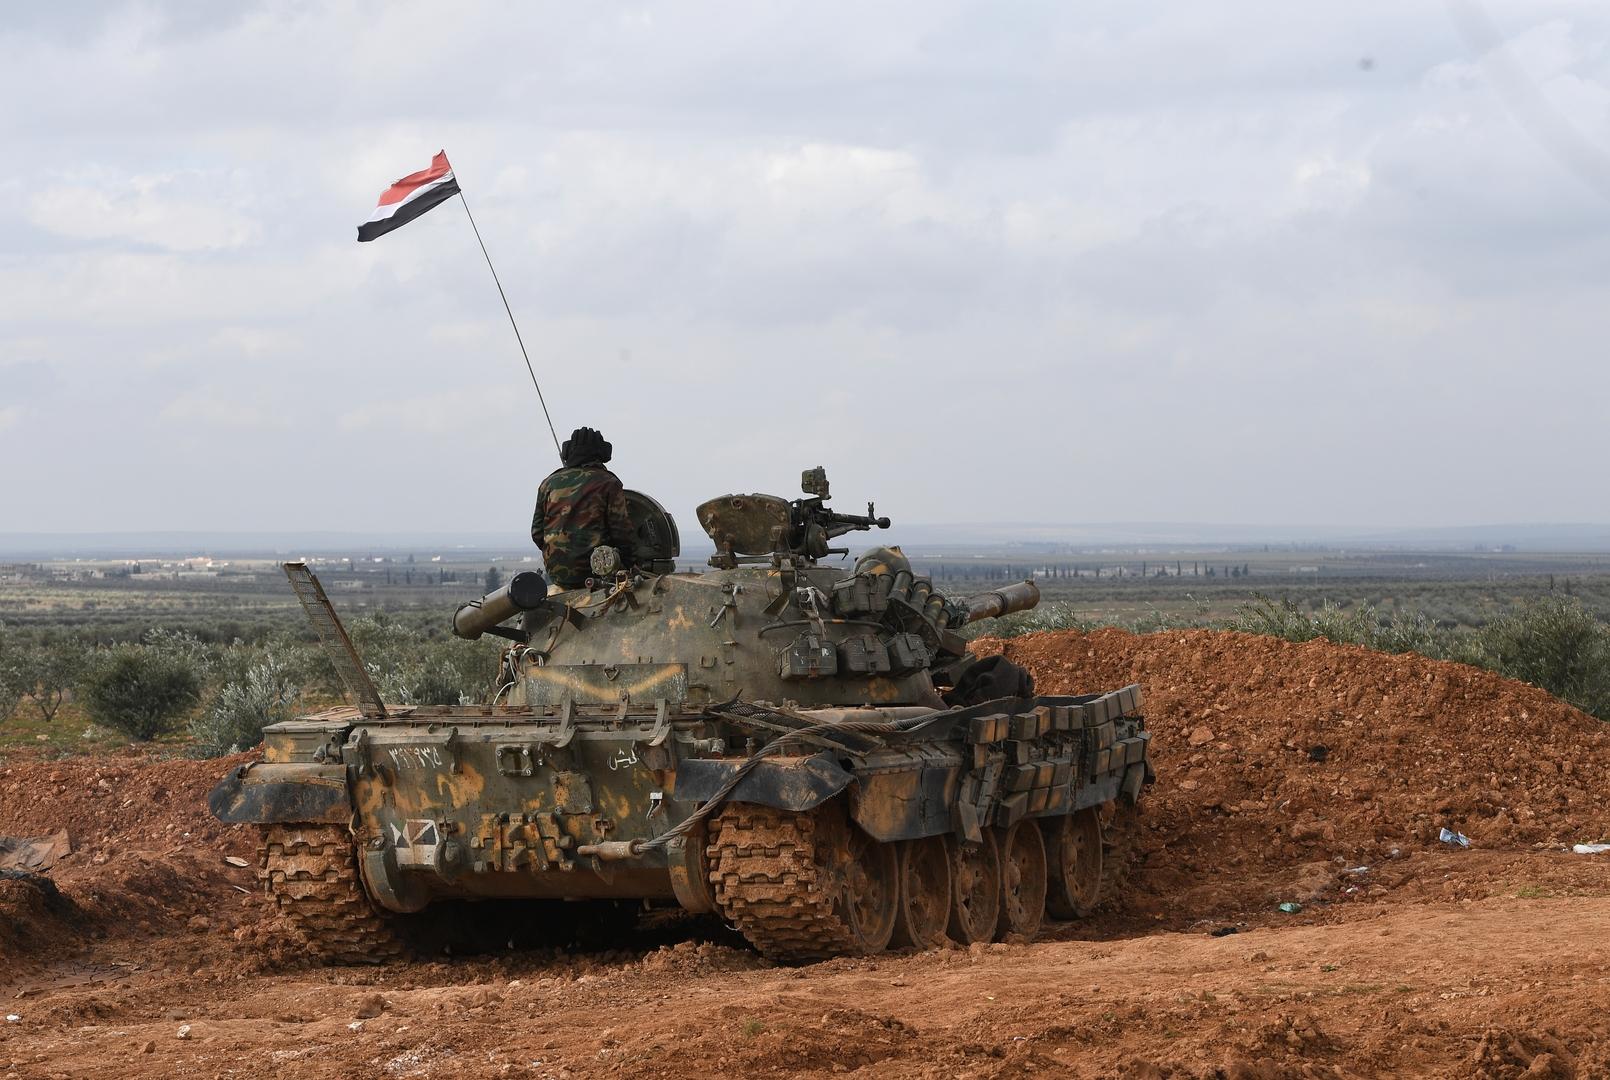 الجيش السوري يطوق أكبر معقل لـ